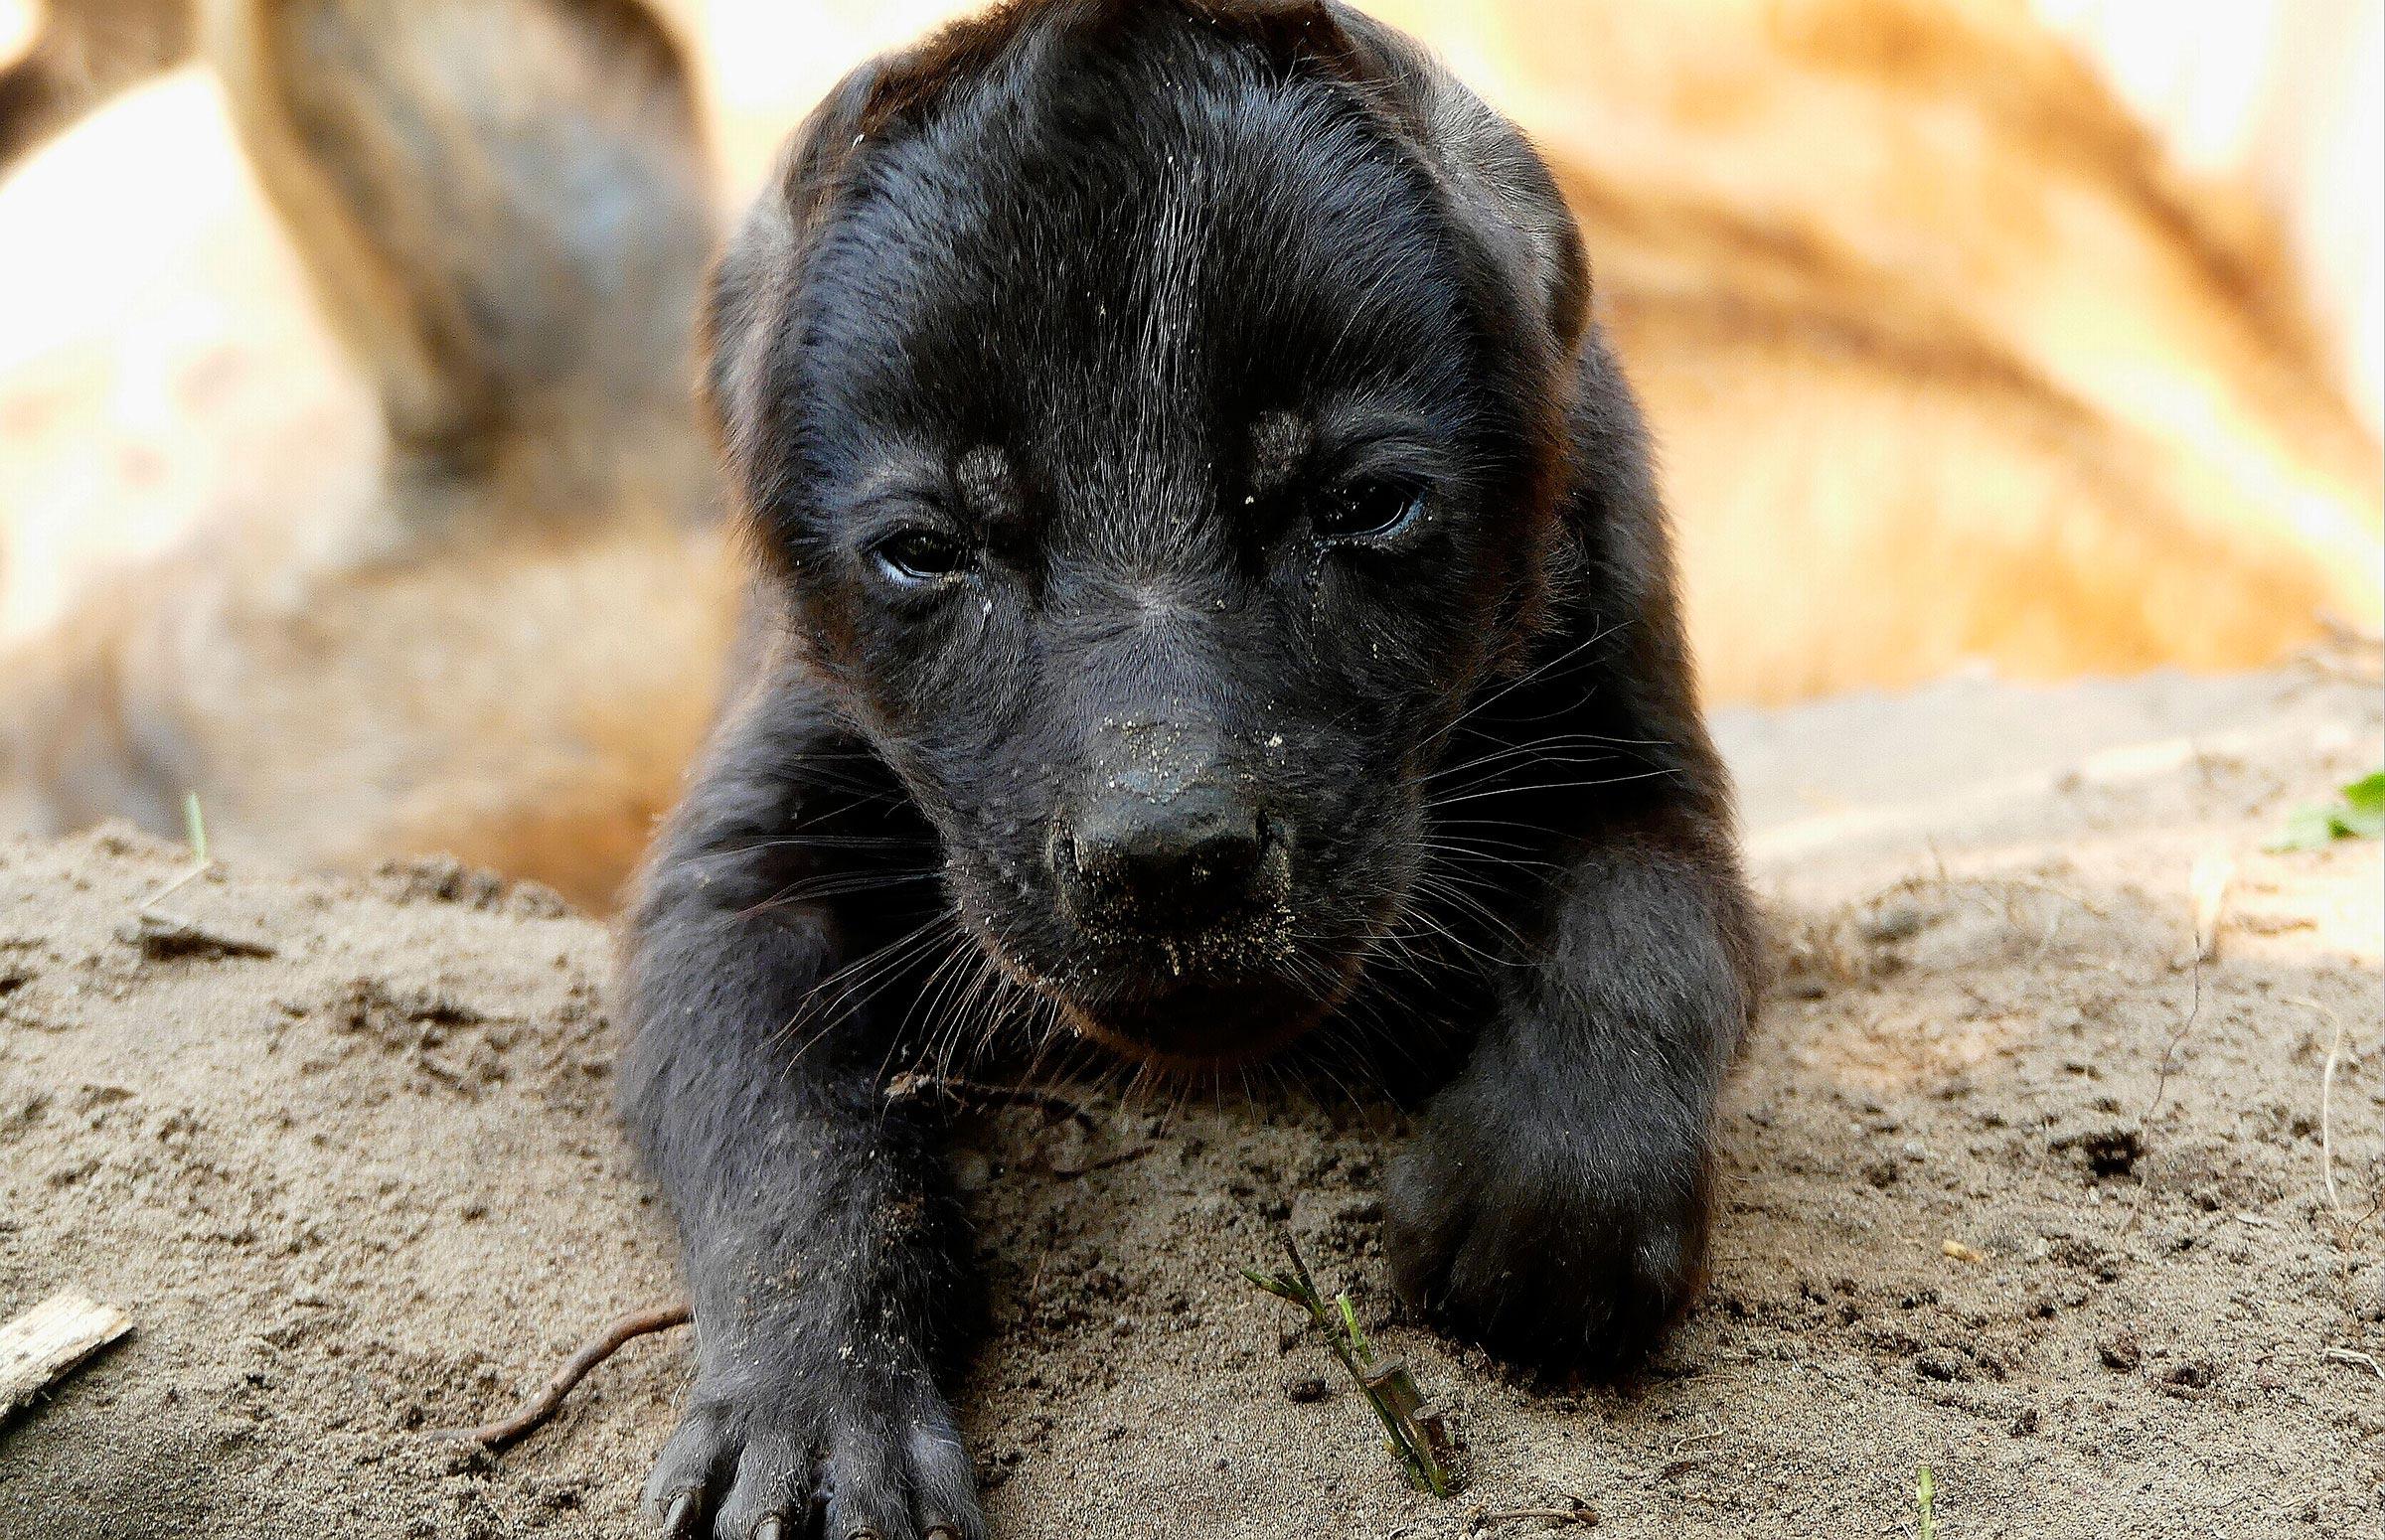 hyena-pup-geboren-beekse-bergen.jpg